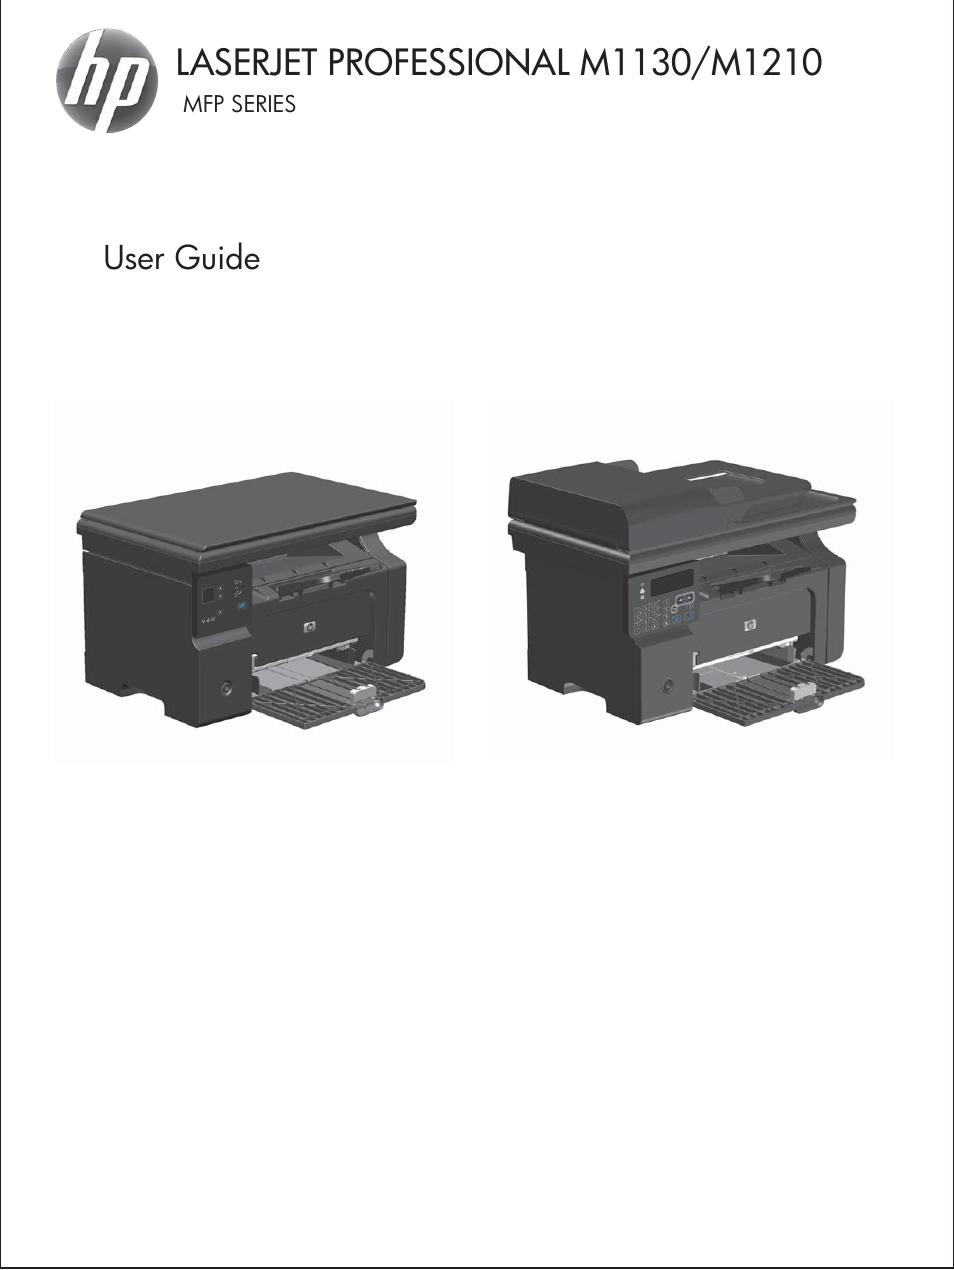 HP laserjet m1212nf User Manual | 284 pages | Also for: LaserJet  Professional m1212nf MFP SERIES, LaserJet Professional M1130 MFP SERIES,  LaserJet ...